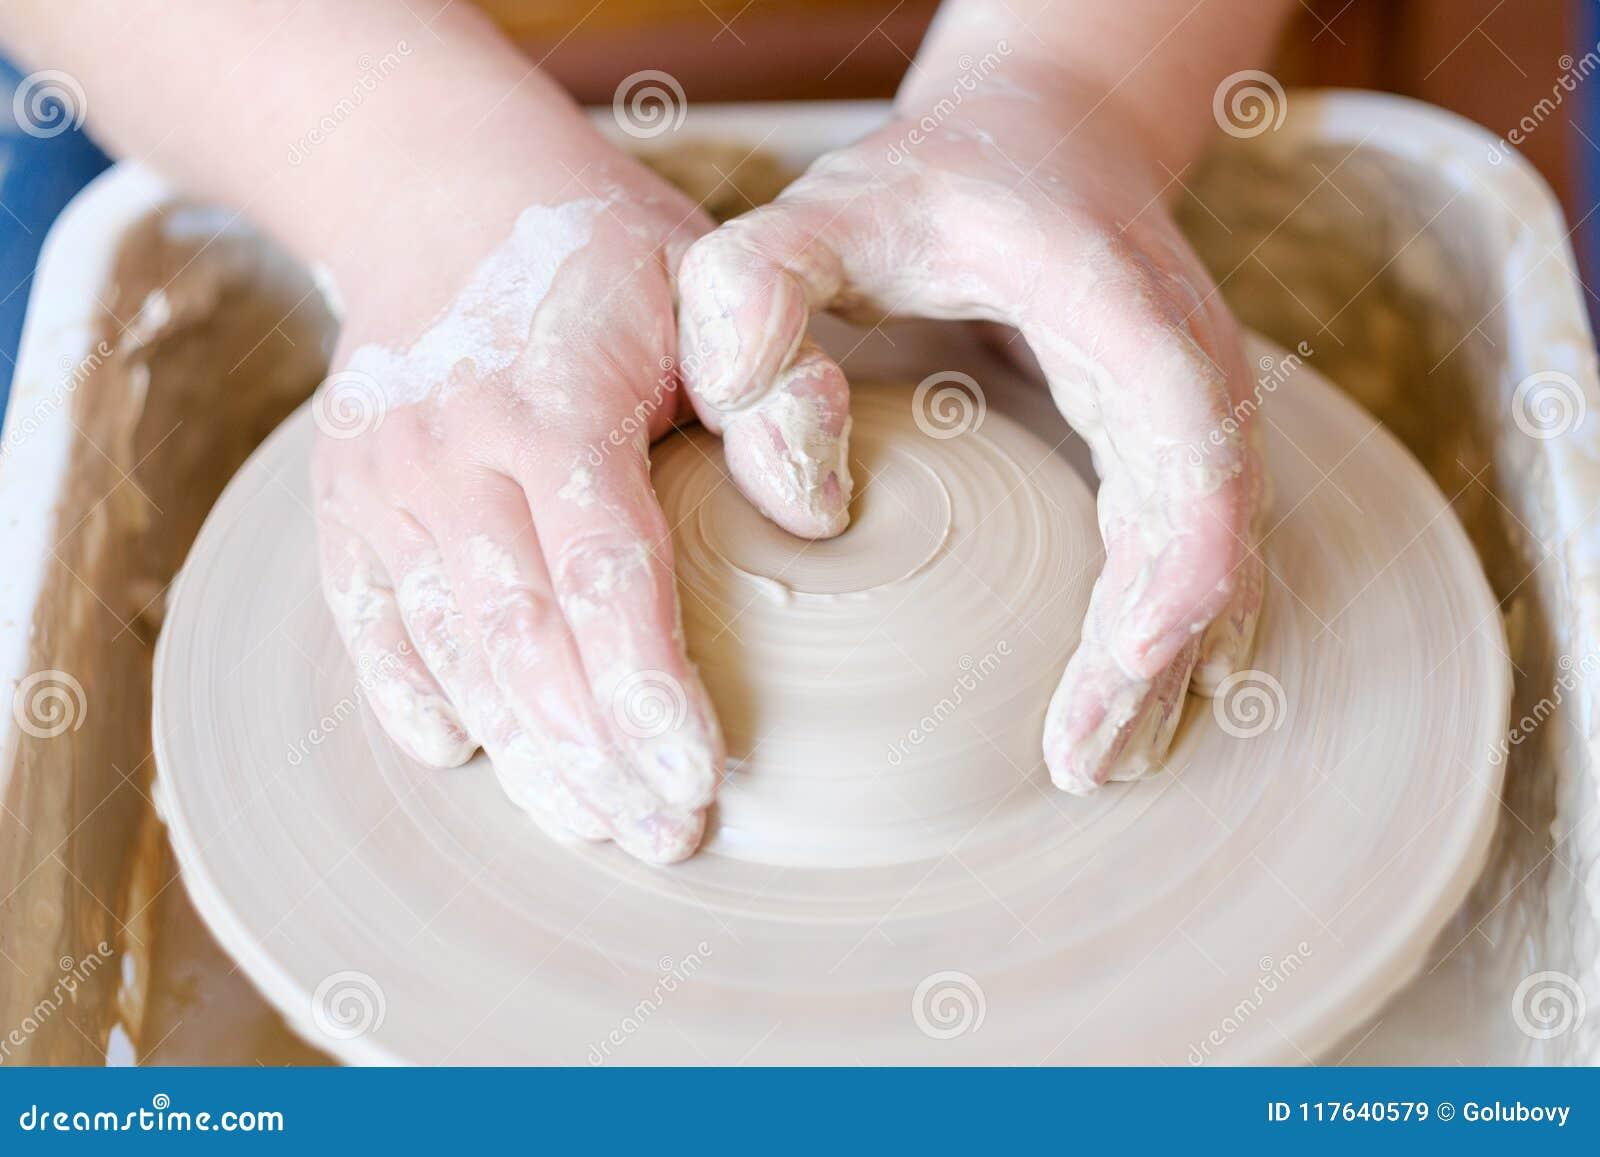 Vocation artistique de passe-temps d artisan de poterie créative